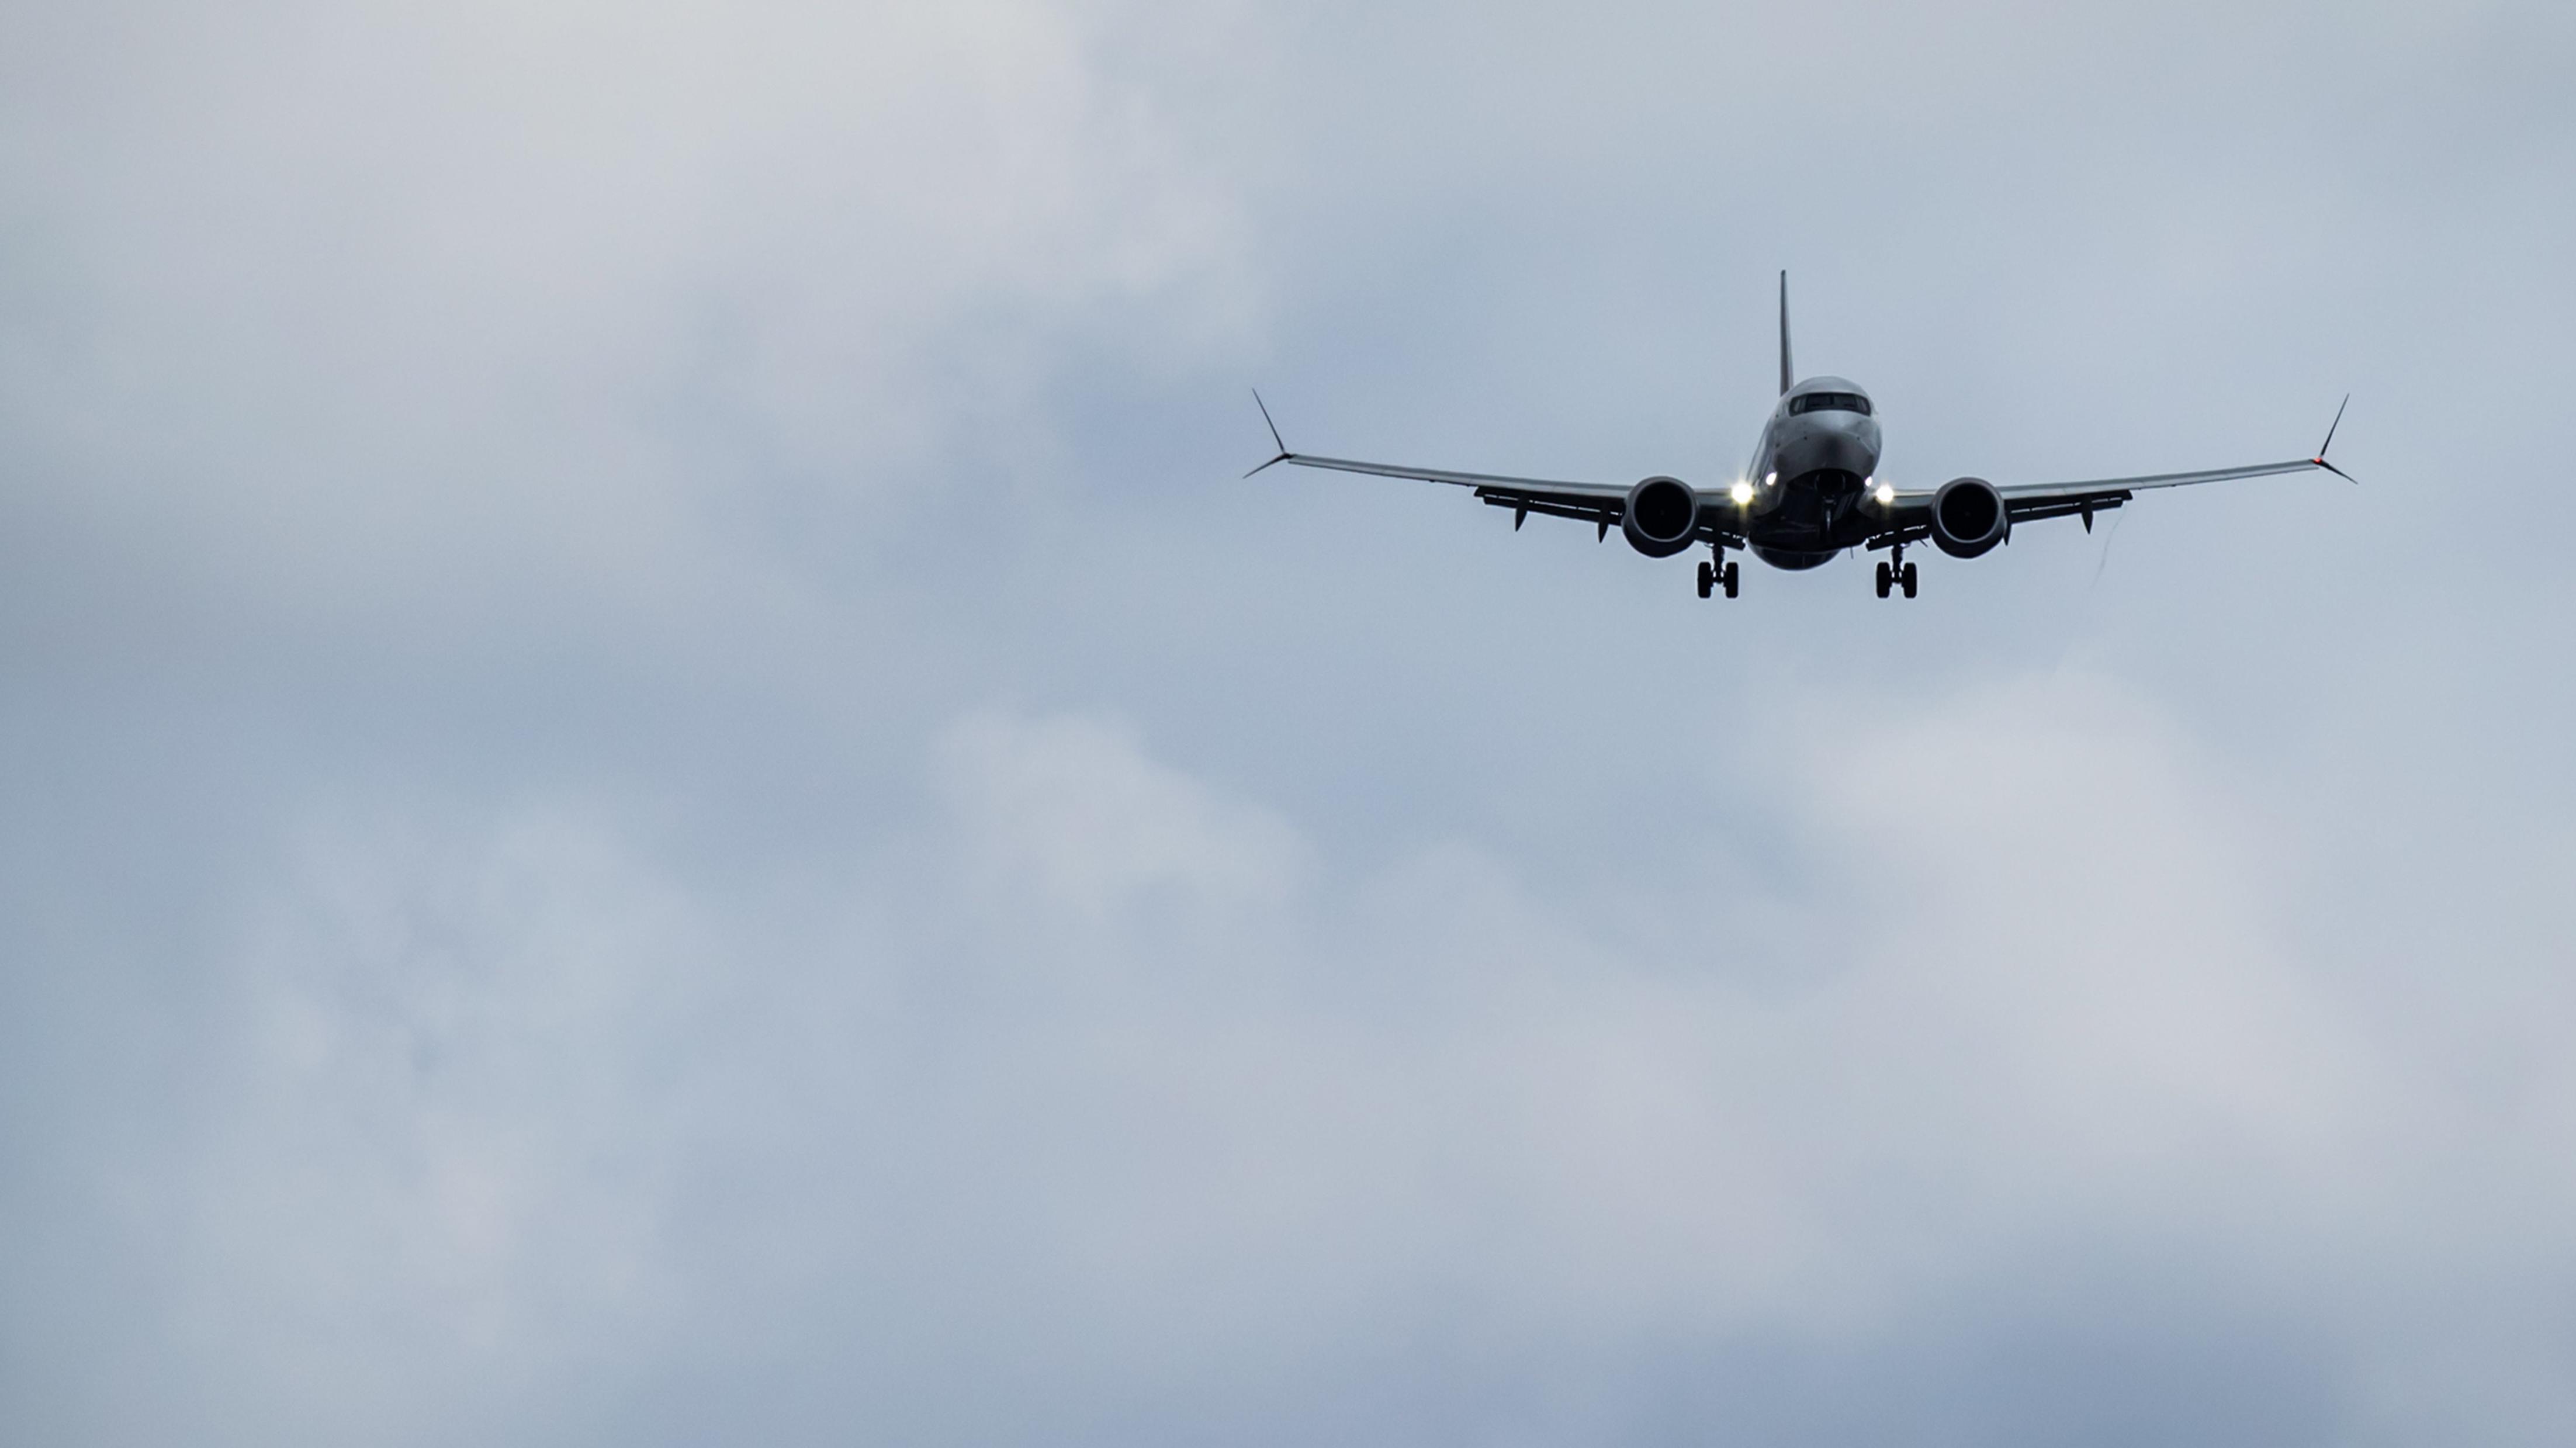 Eine Boeing 737 Max 8 im Landeanflug